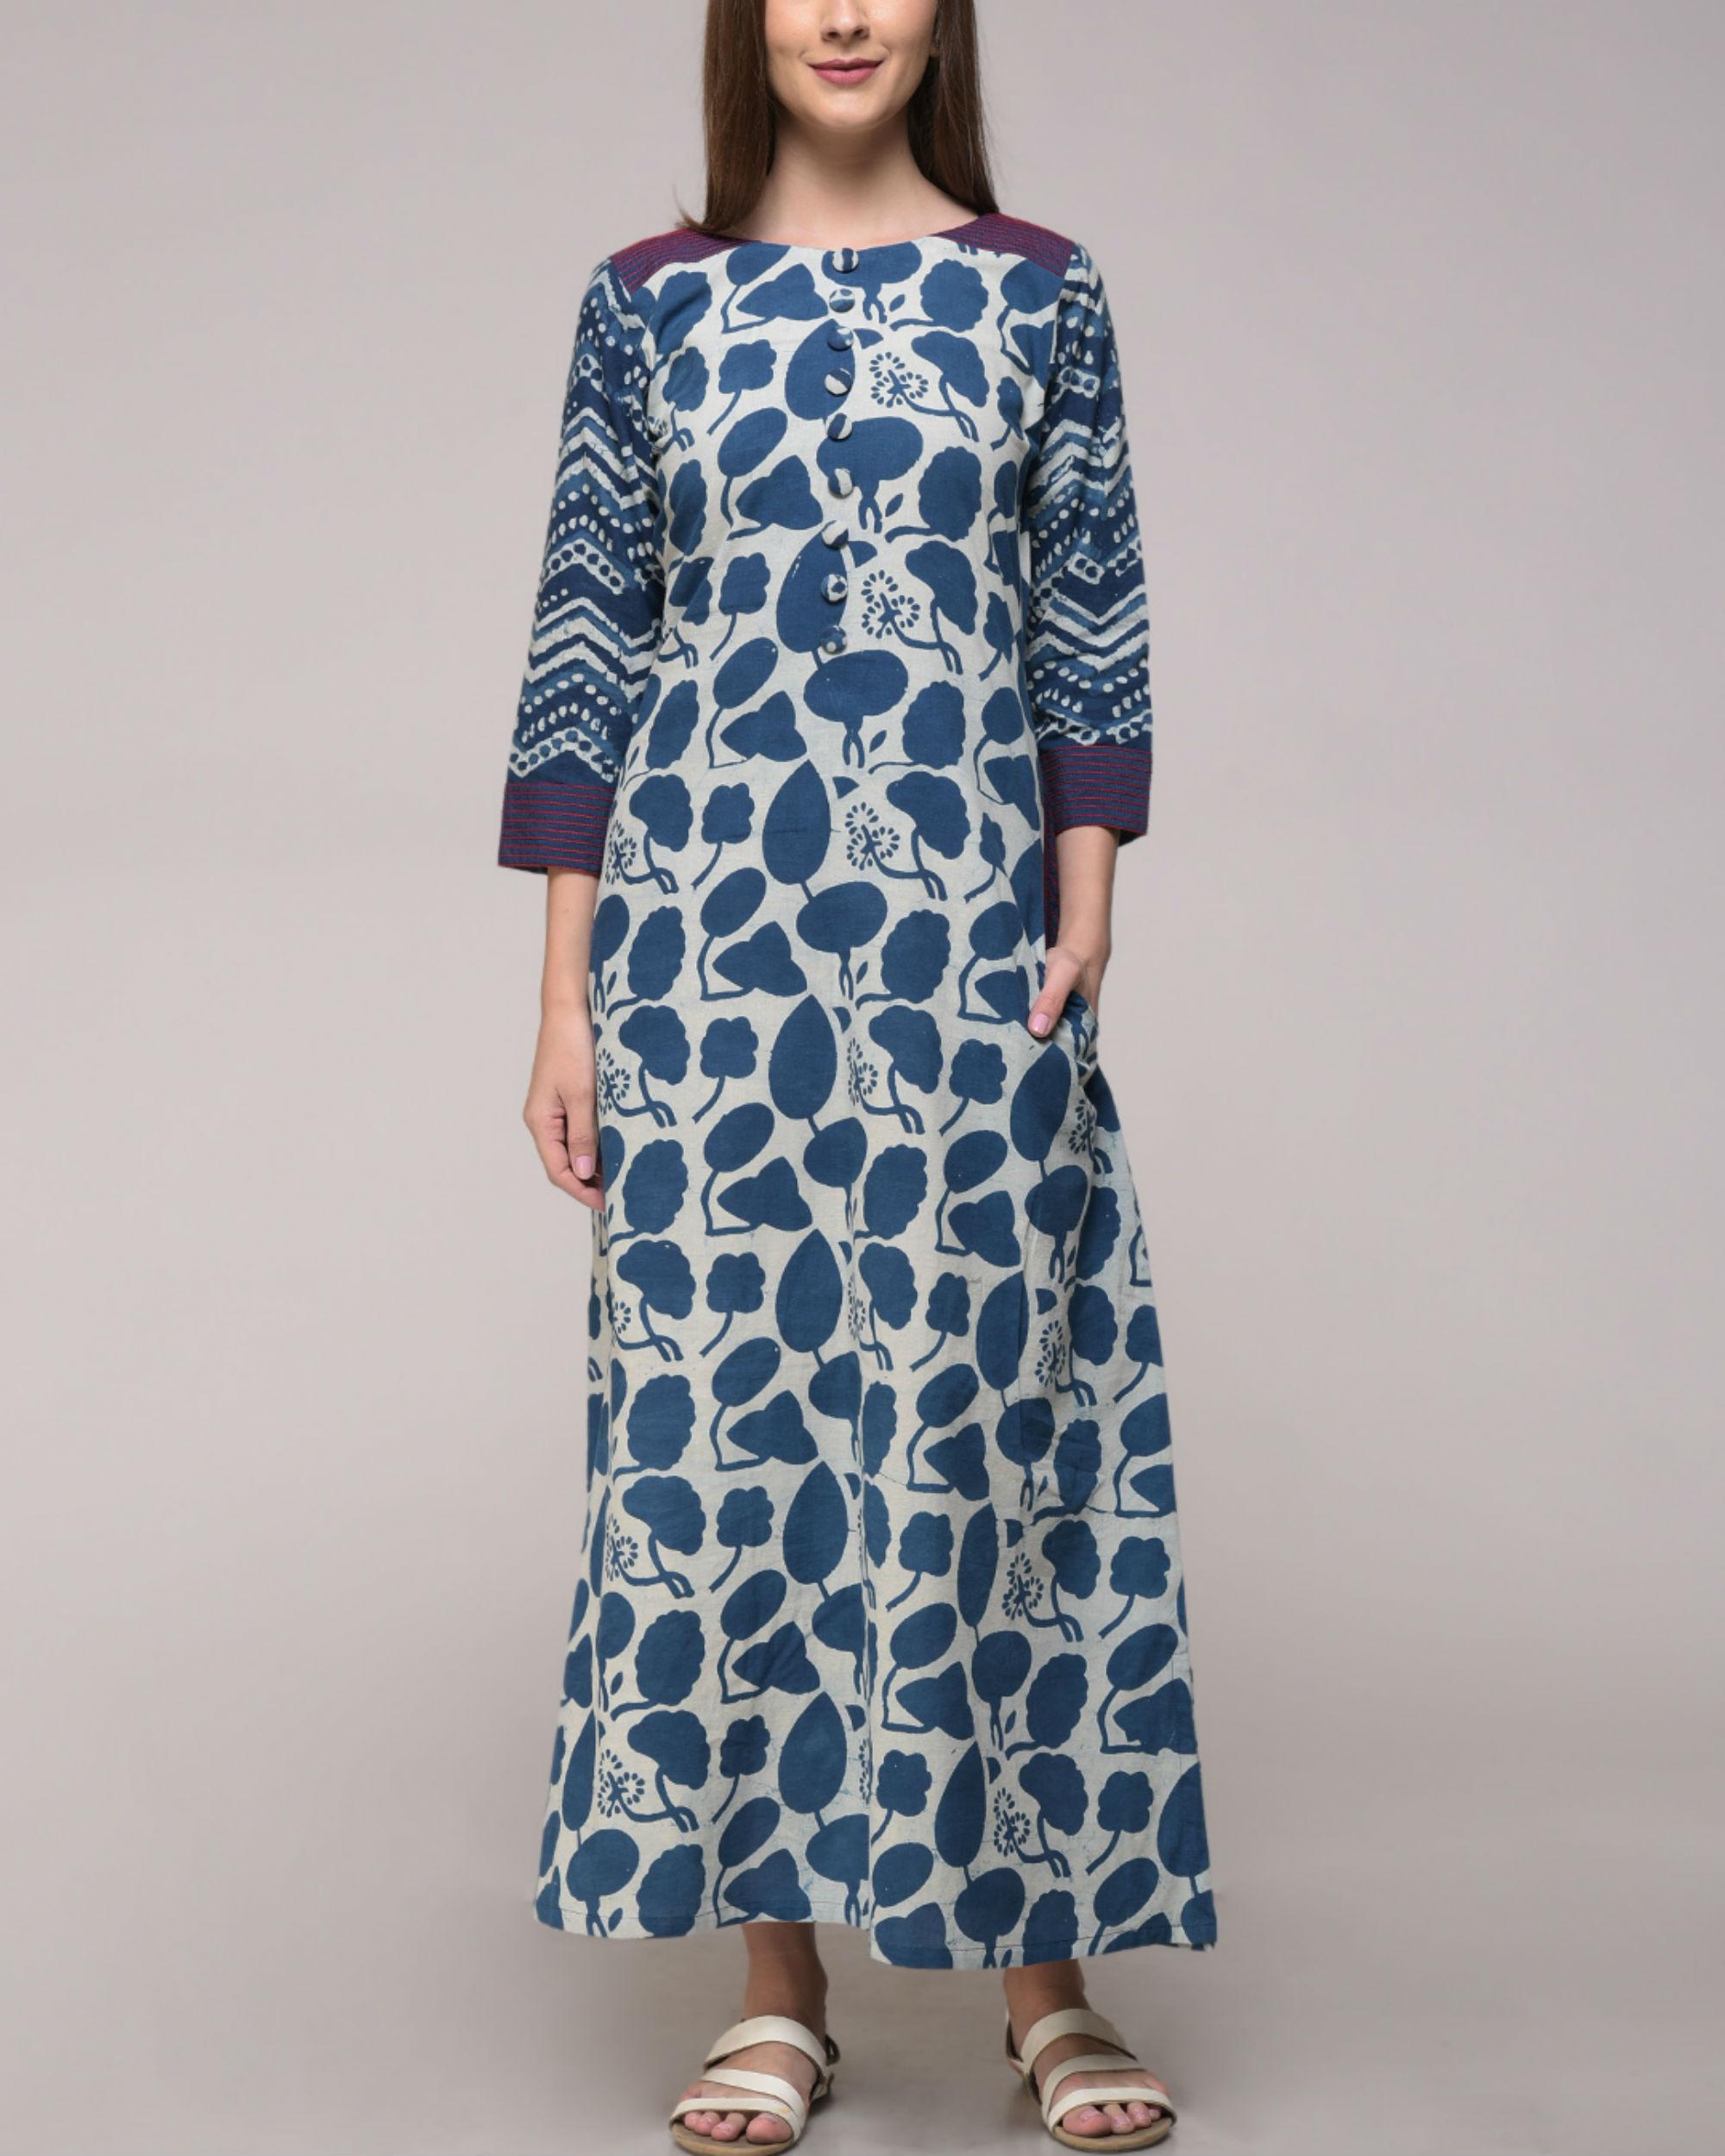 Indigo and violet dress